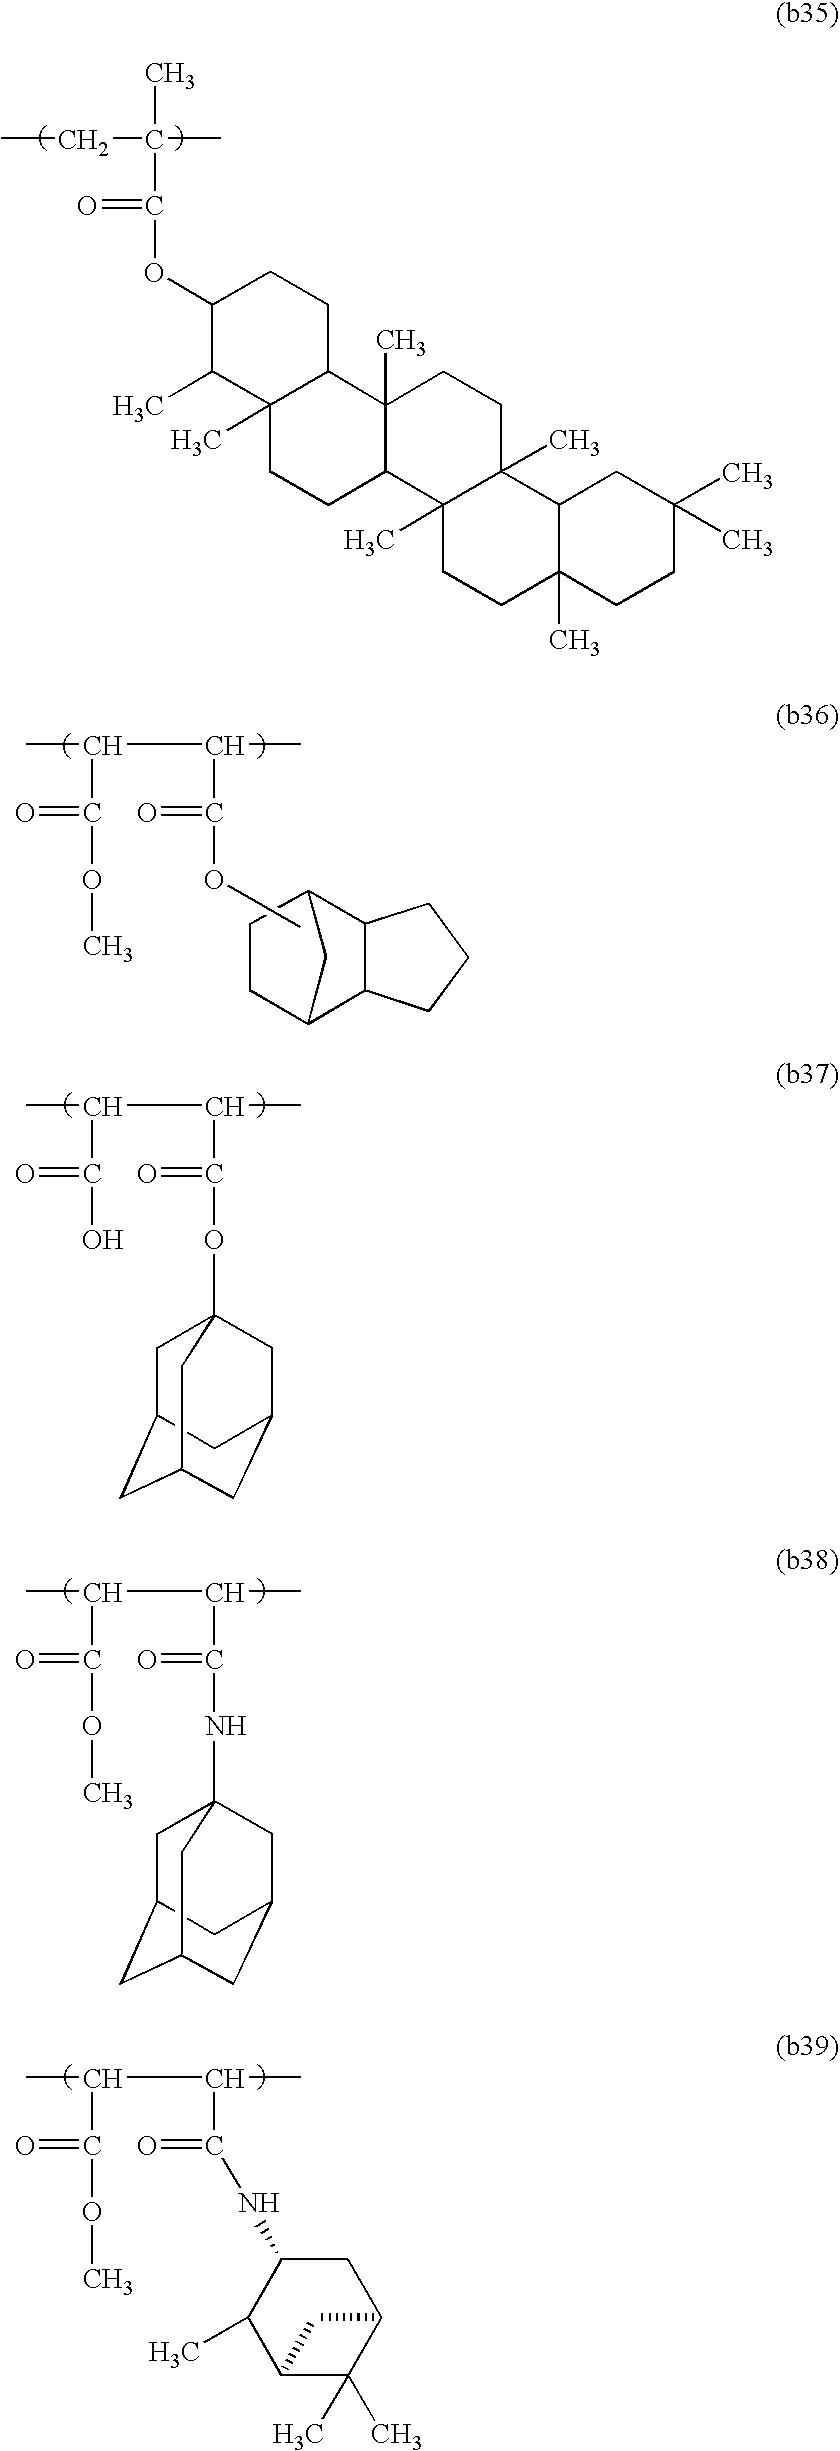 Figure US20070003871A1-20070104-C00071